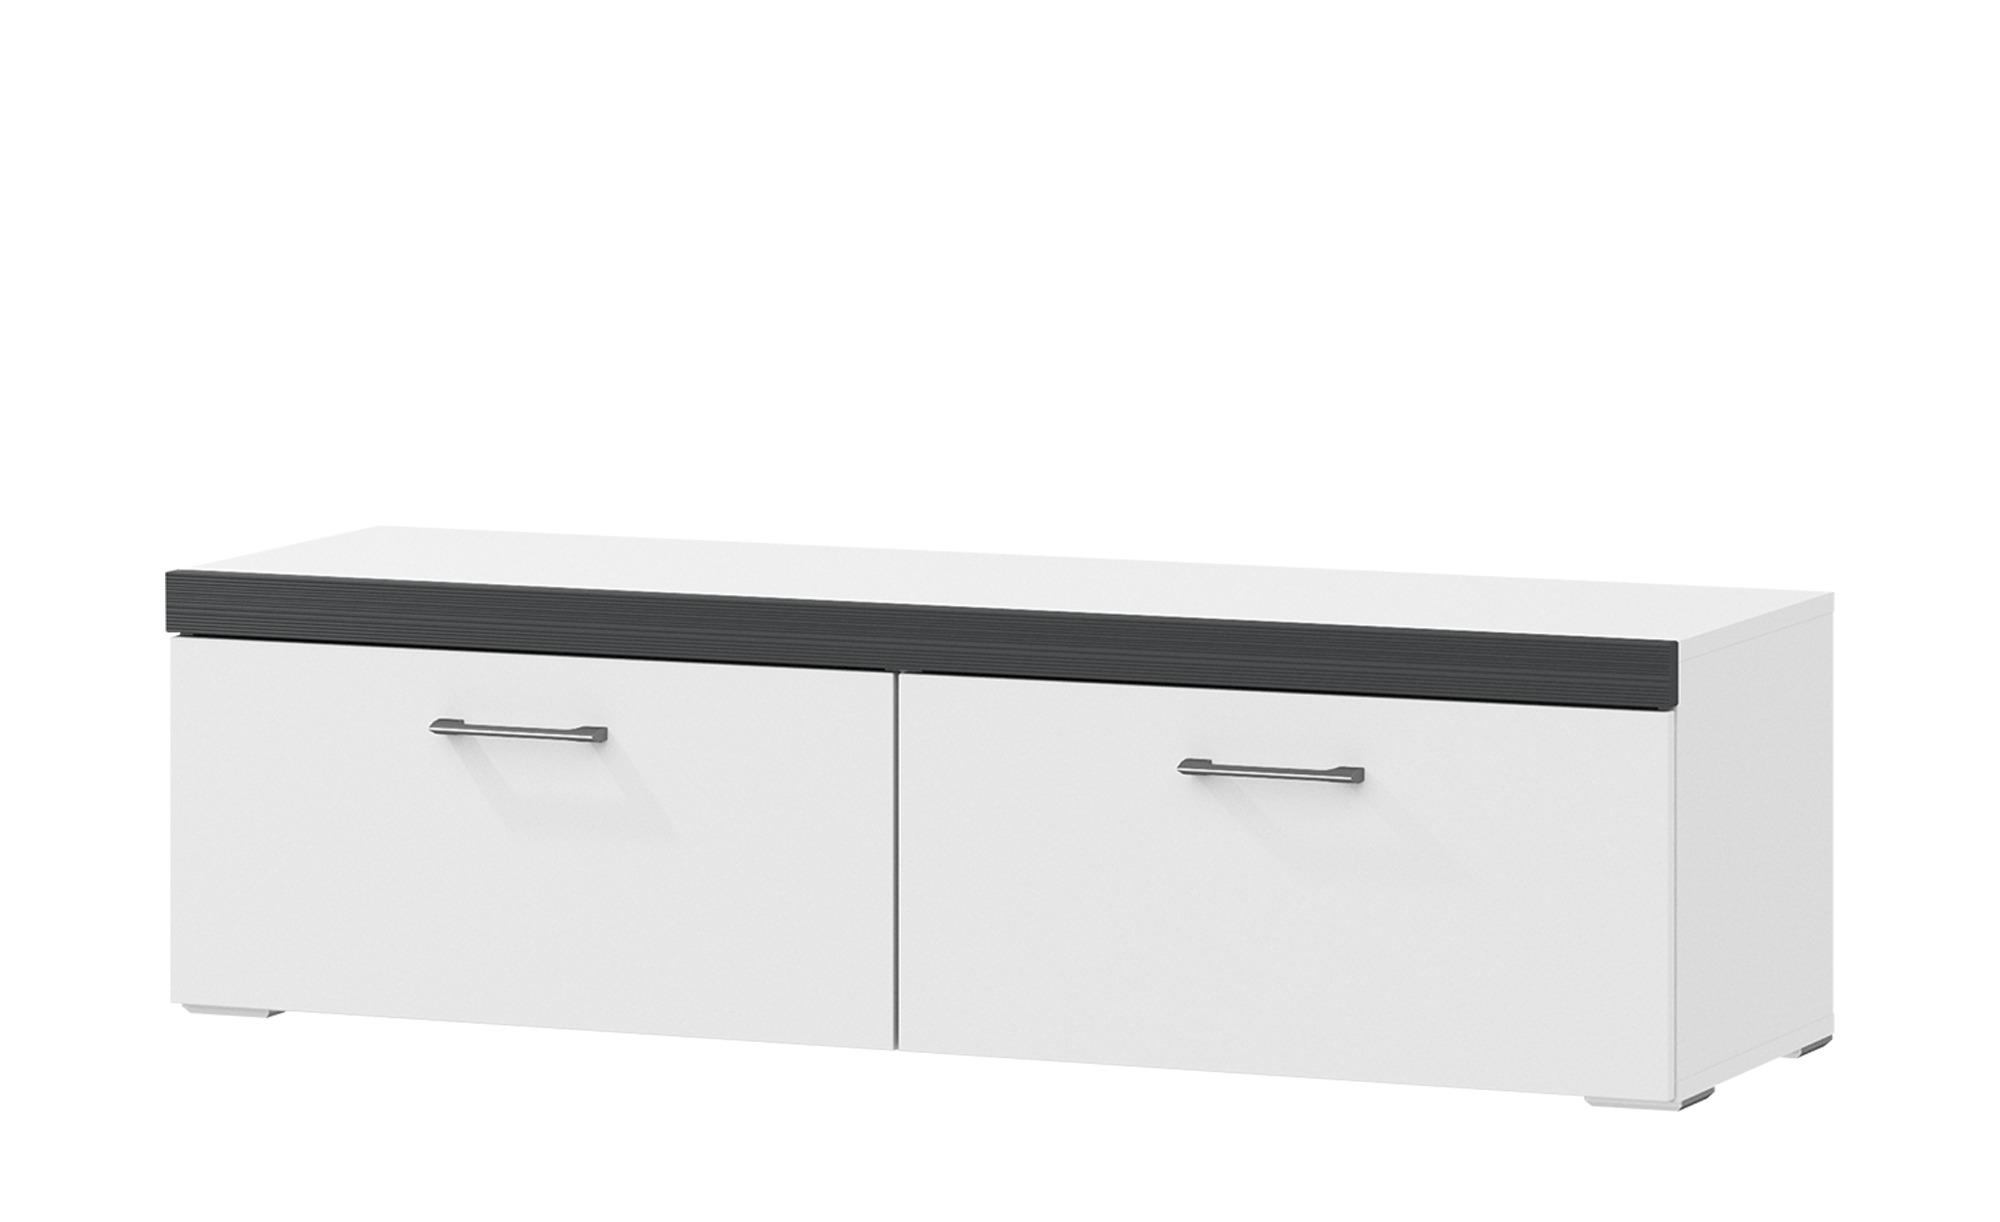 uno lowboard skarn breite 130 cm h he 37 cm wei online kaufen bei woonio. Black Bedroom Furniture Sets. Home Design Ideas